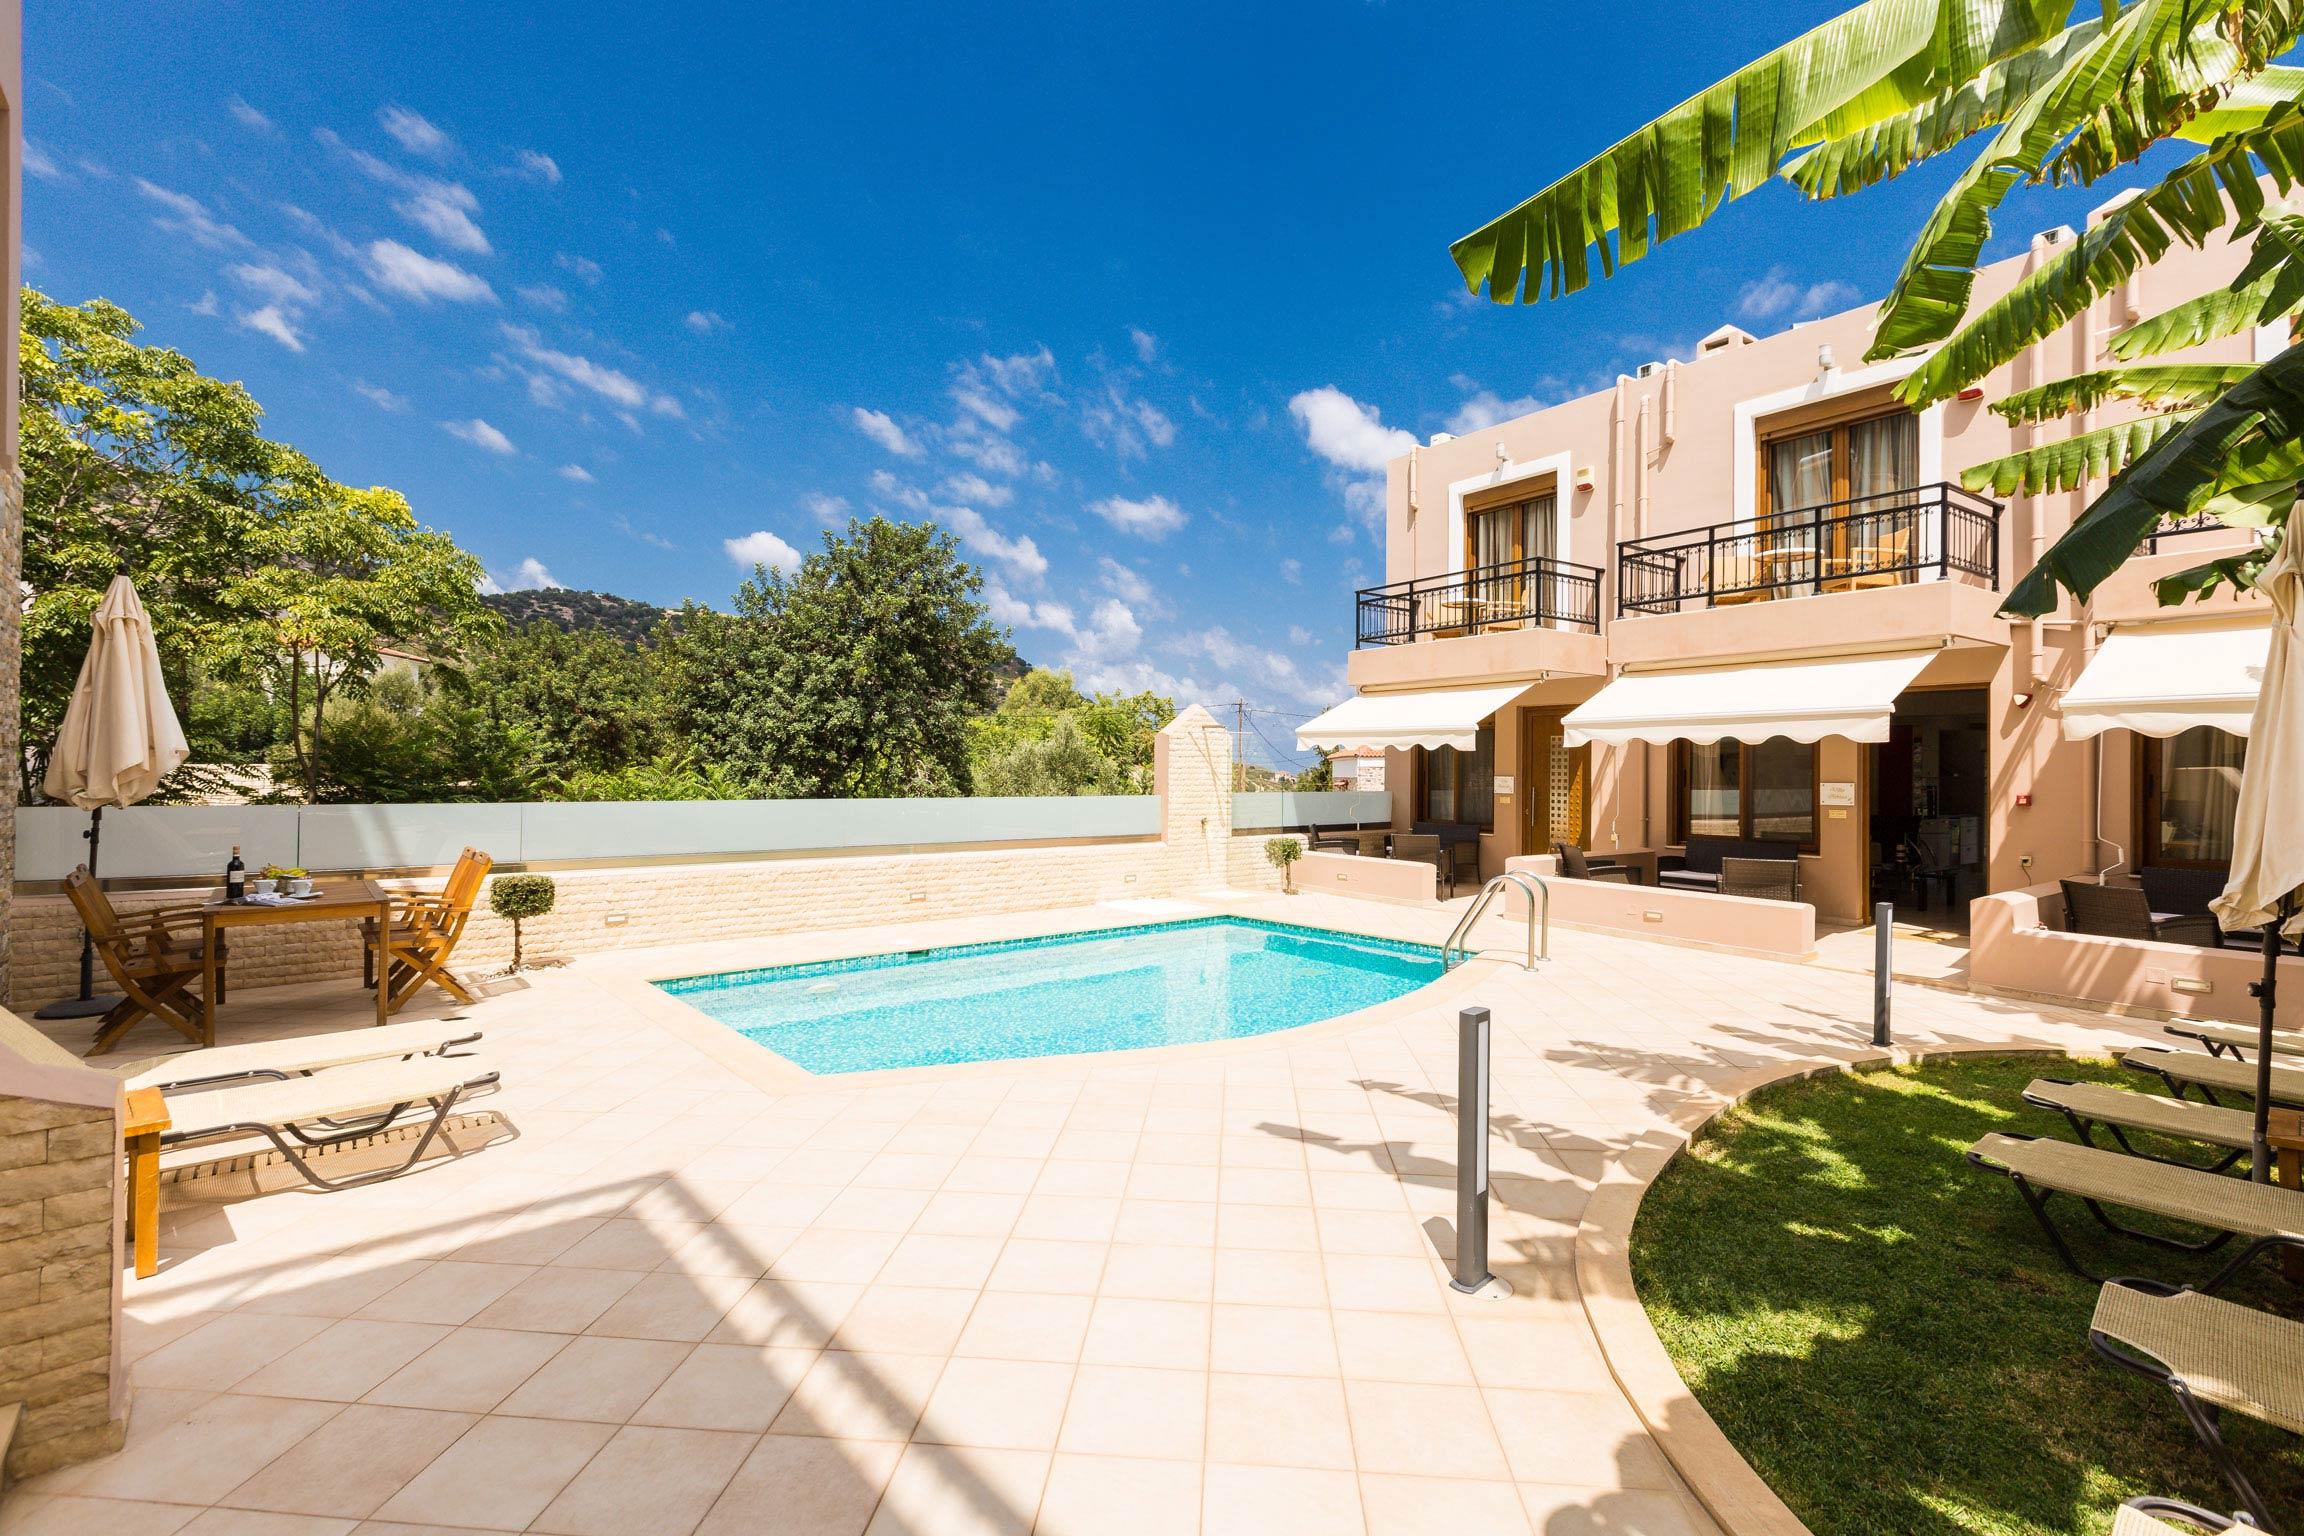 Ferienhaus Diese Villa auf zwei Ebenen ist der perfekte Ort, um in Rethymnon auf Kreta weh zu bleiben (2623387), Roumeli, Kreta Nordküste, Kreta, Griechenland, Bild 11